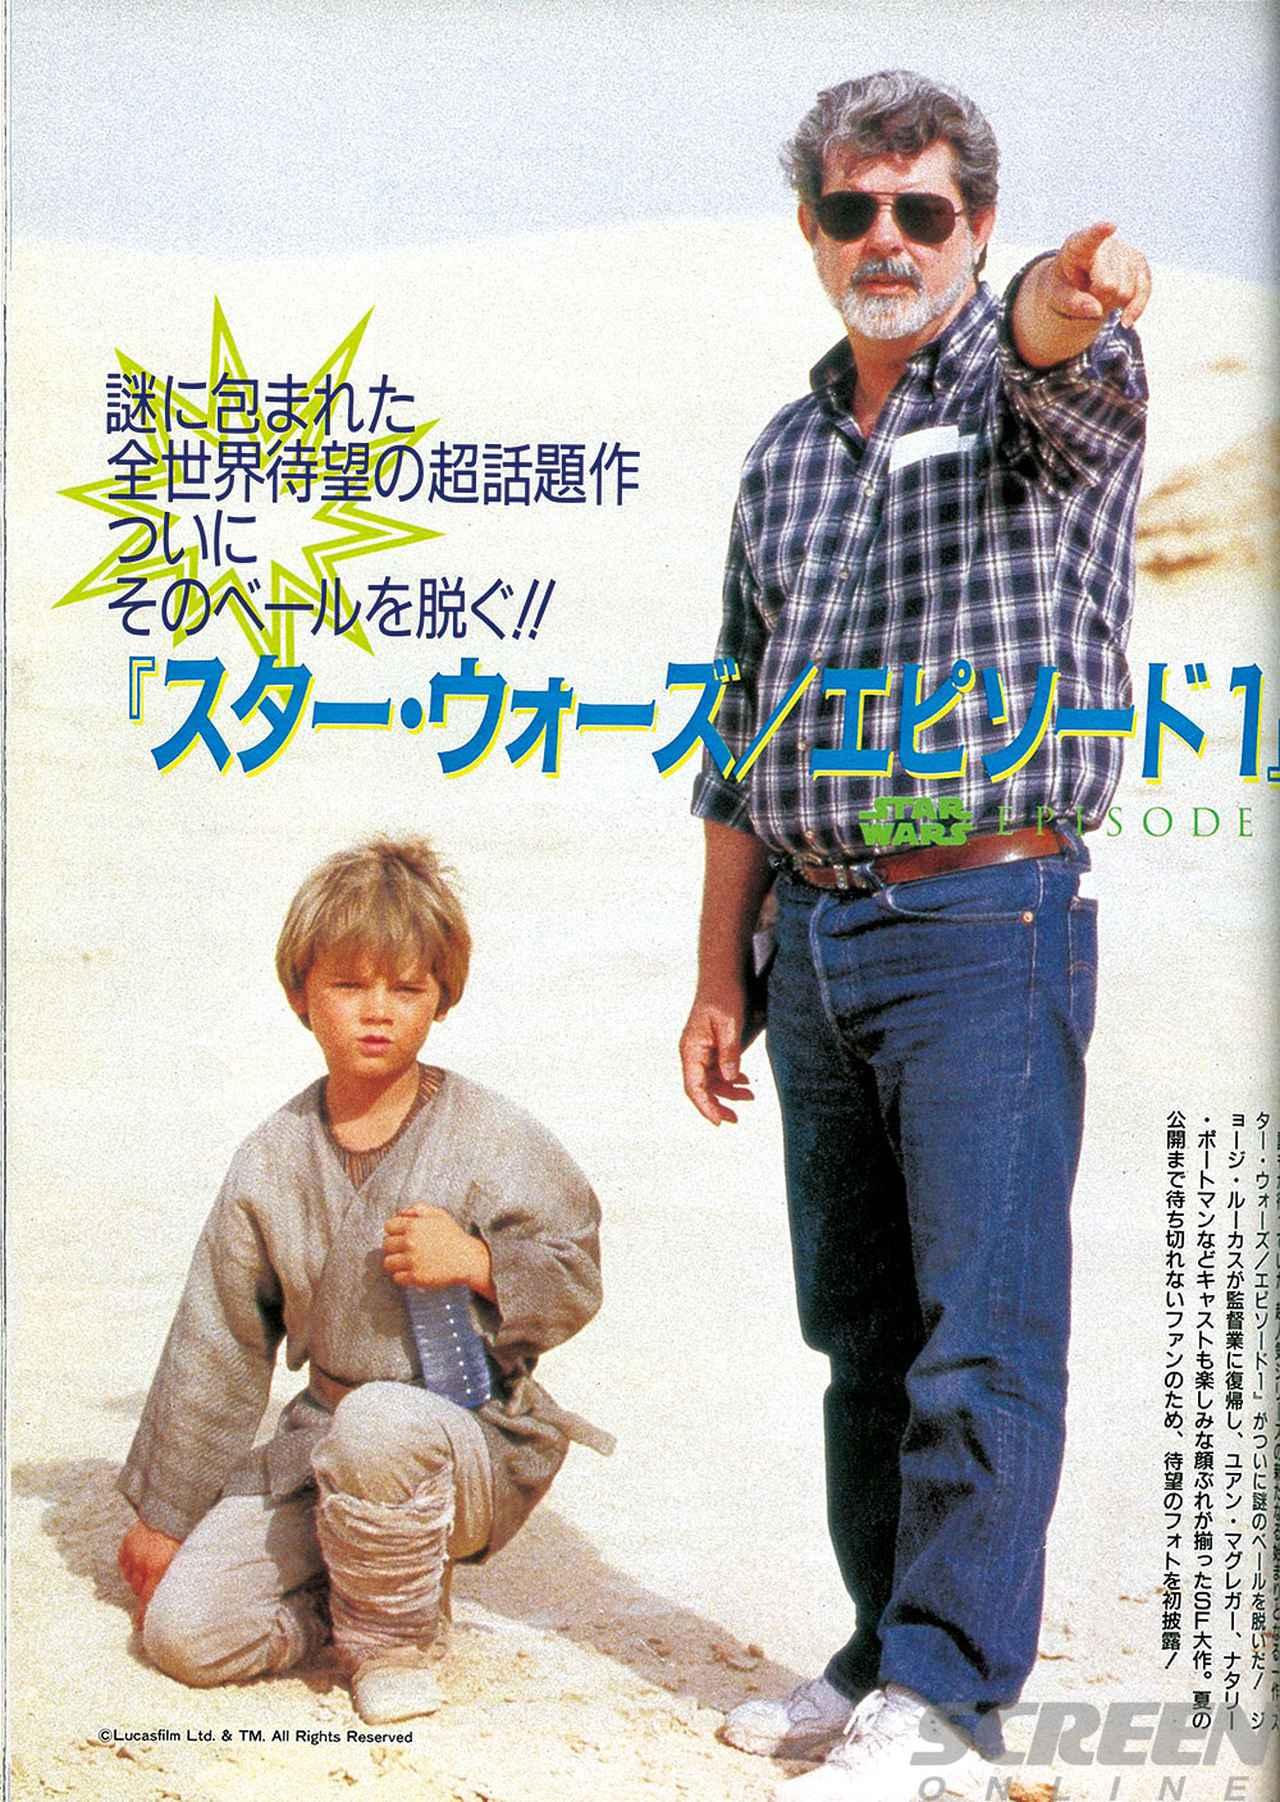 画像: ついにベールを脱いだ「スター・ウォーズ」新たな始まり。ジョージ・ルーカス監督とベイダーの若き日アナキンを演じるジェーク・ロイドのツーショットを見ただけで心が震えたファンも多かった(1999年4月号)